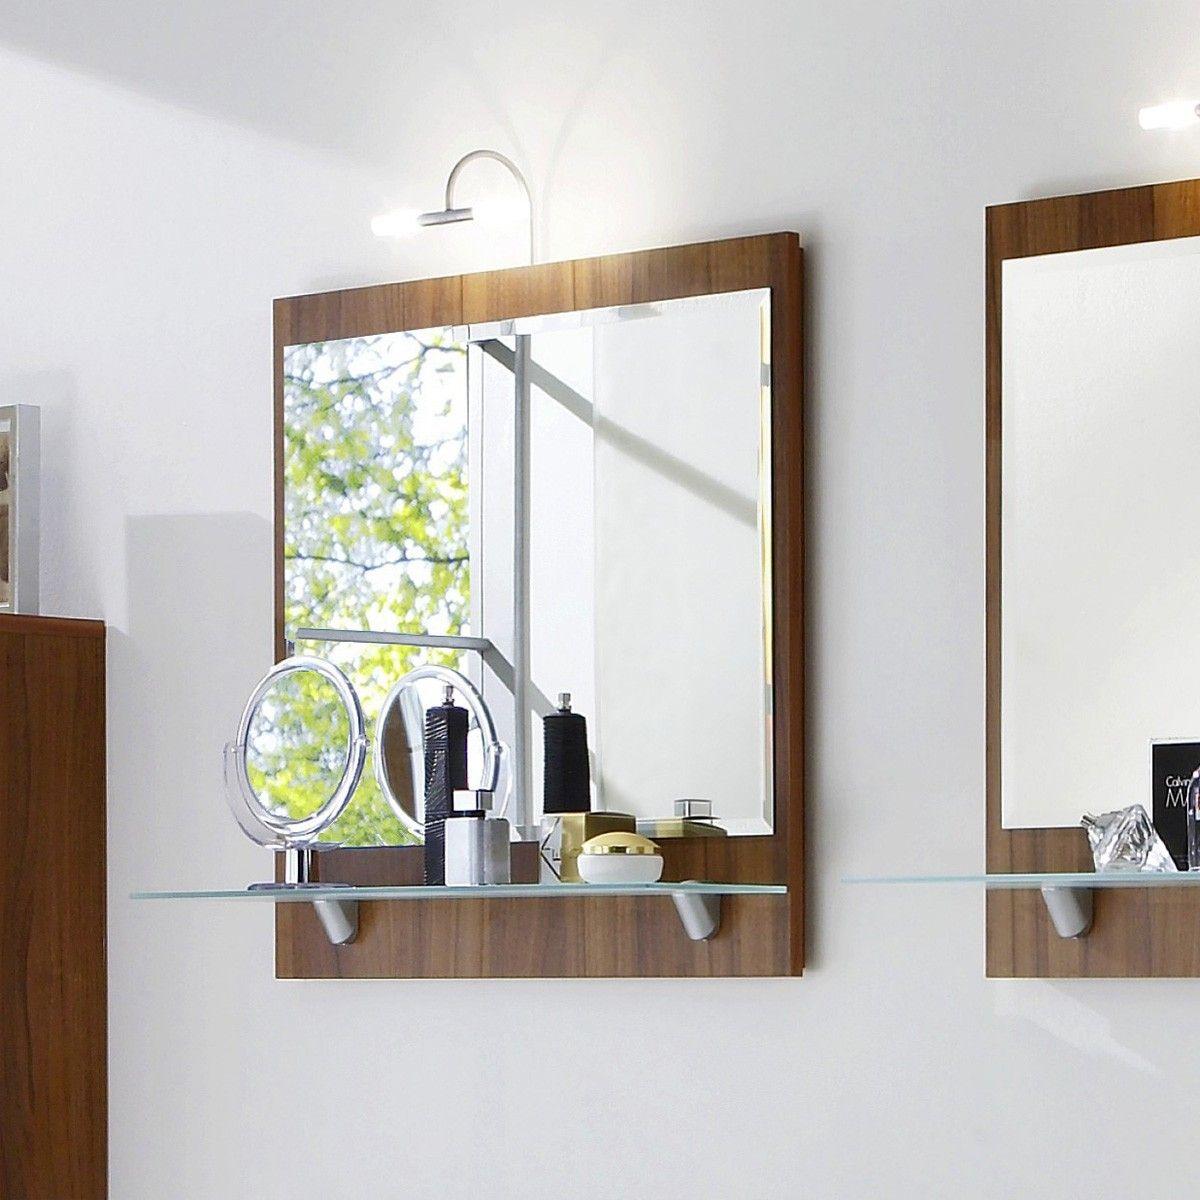 13 Anstandig Kollektion Von Badezimmerspiegel Otto Badezimmerspiegel Lampenschirm Weiss Wohnzimmer Bunt